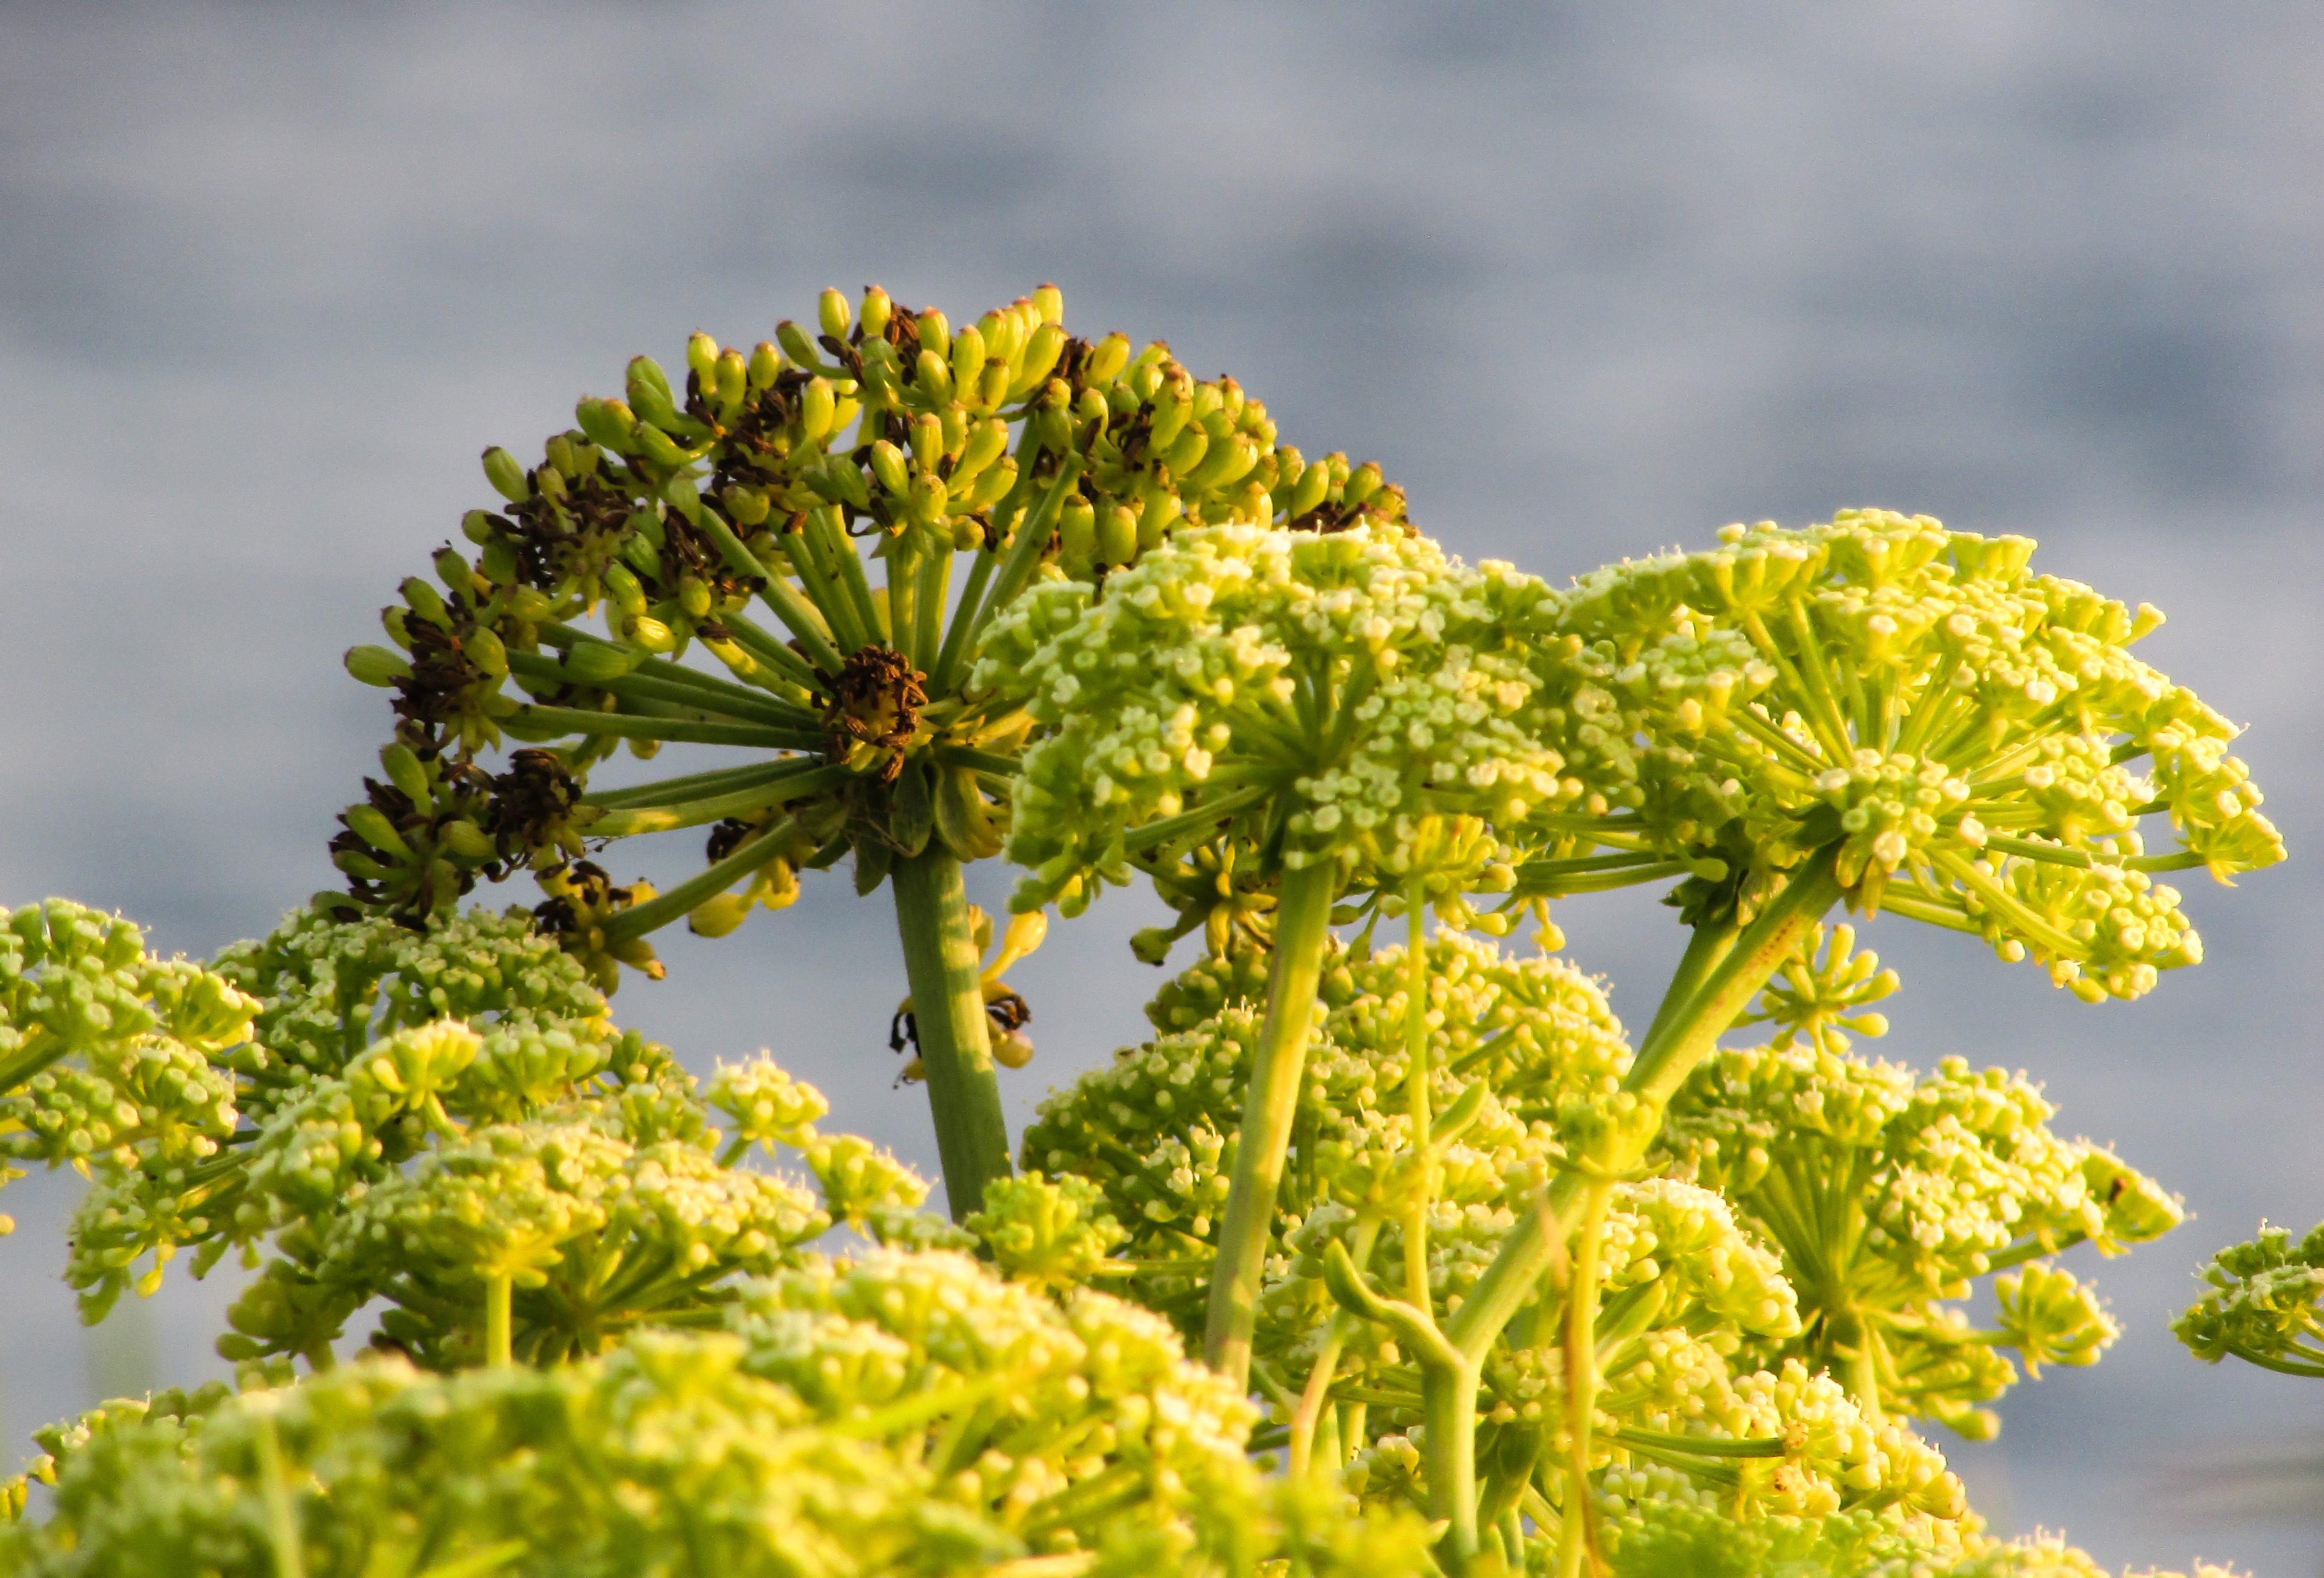 banco de imagens rvore natureza ramo flor plantar haste folha flor comida verde produzir botnica amarelo flora flores silvestres arbusto